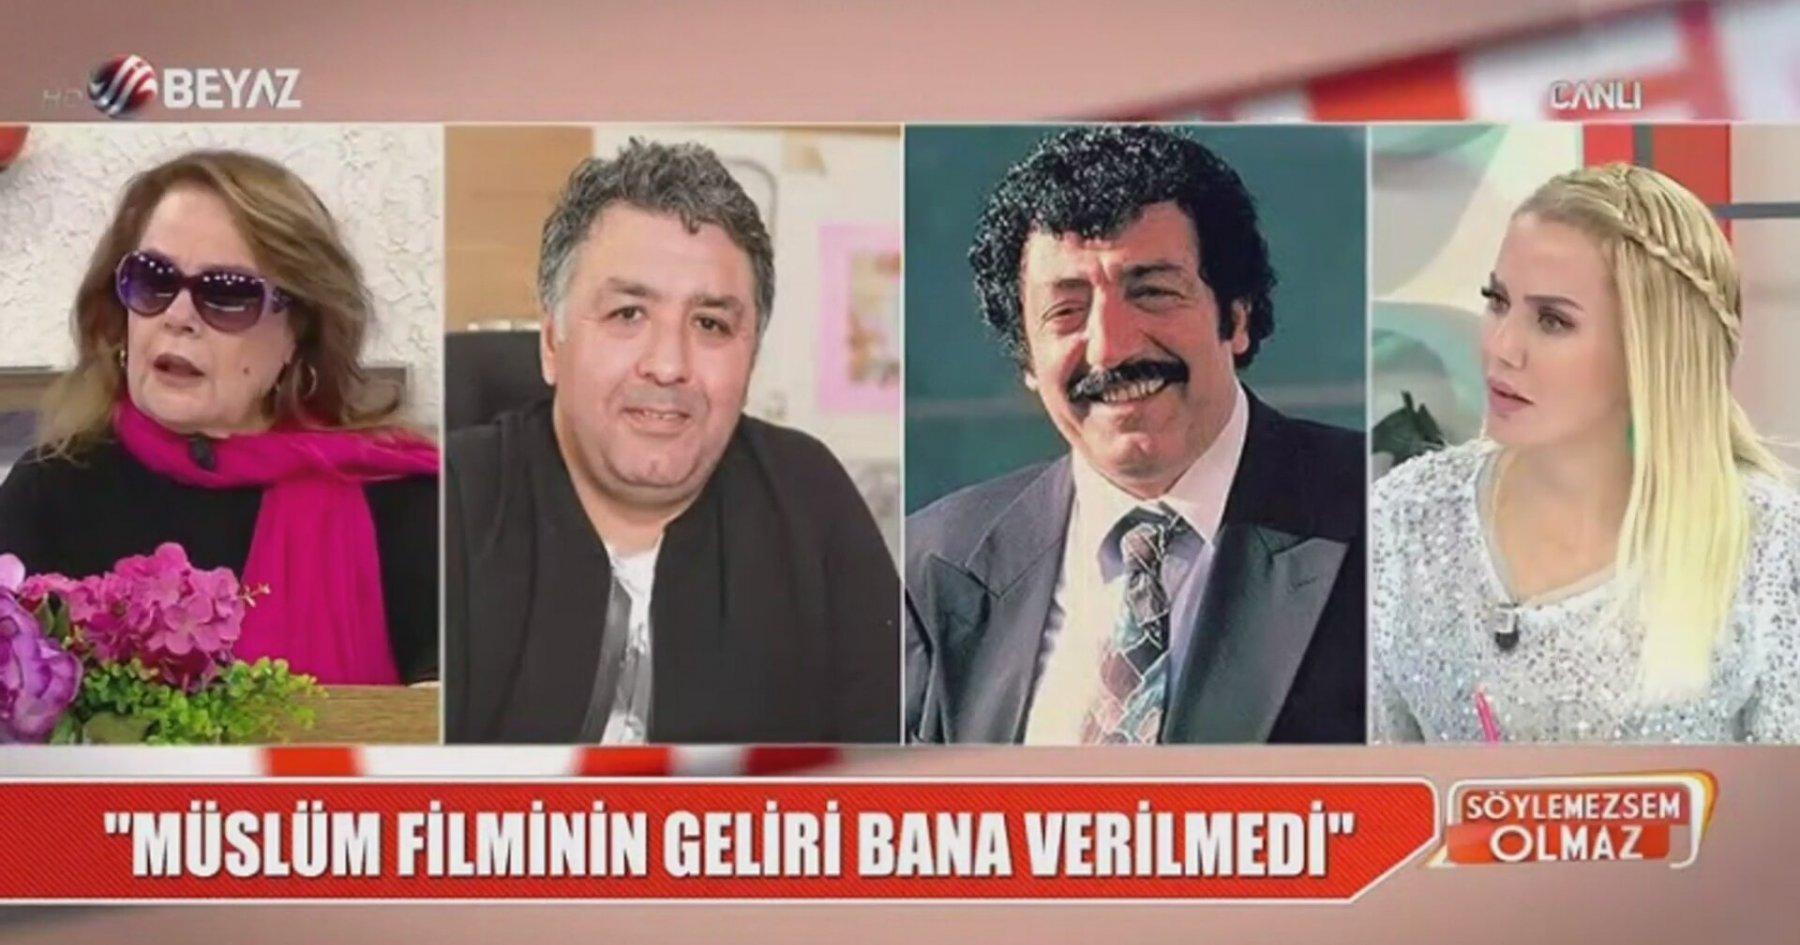 Muhterem Nur: Müslüm Filminin Geliri Bana Verilmedi (Söylemezsem Olmaz)